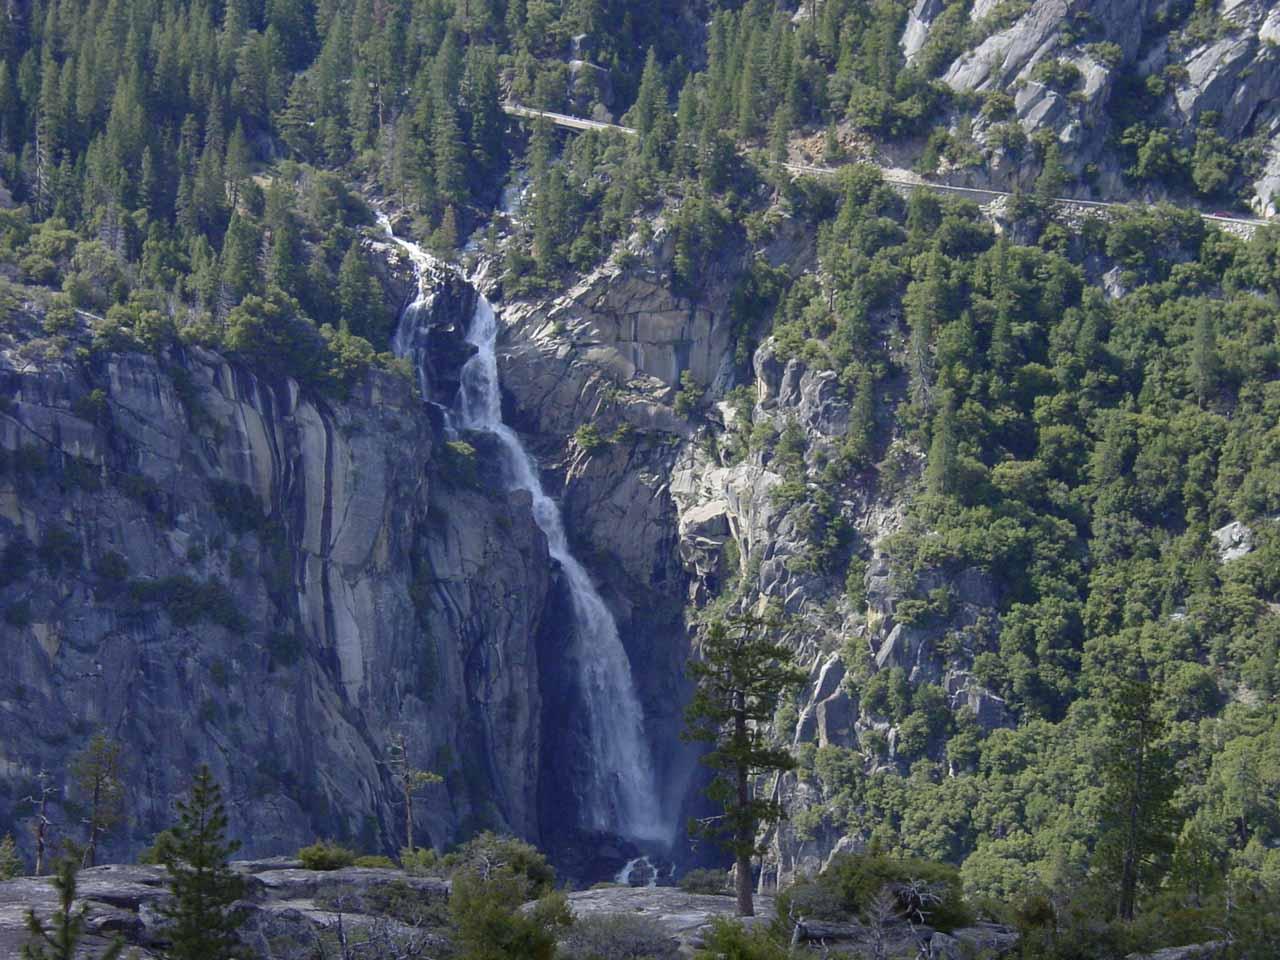 Cascade Falls and the Big Oak Flat Road above it